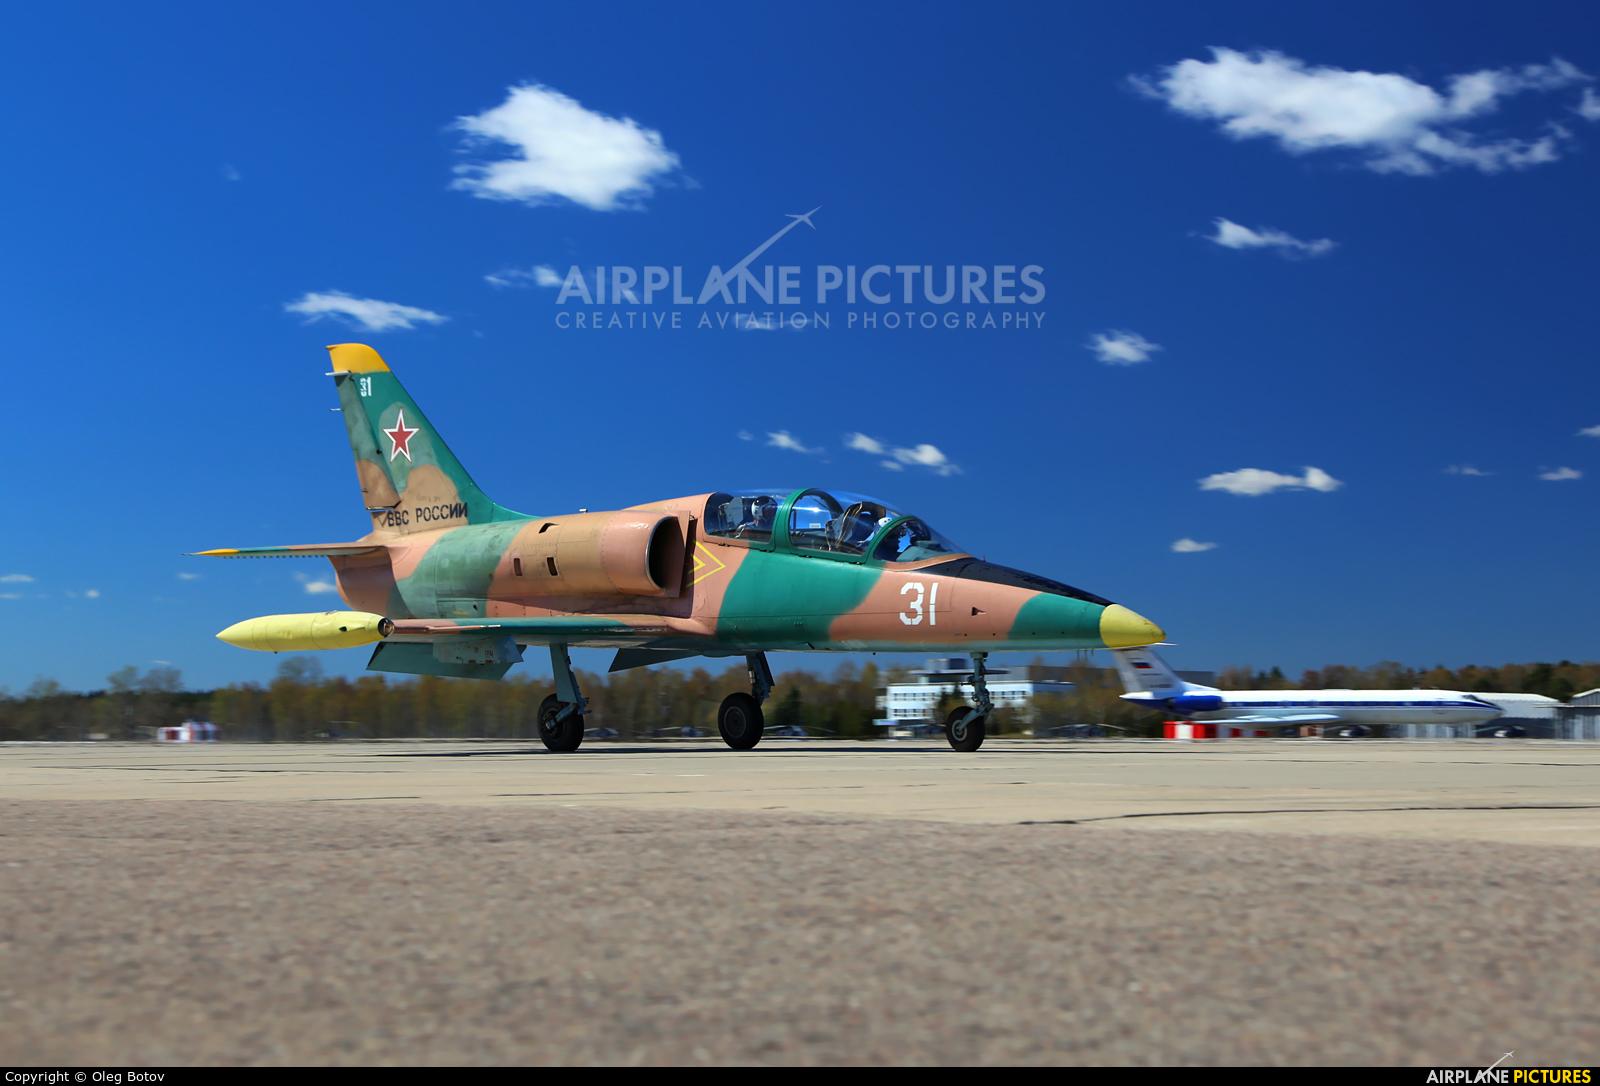 Russia - Air Force 31 aircraft at Kubinka